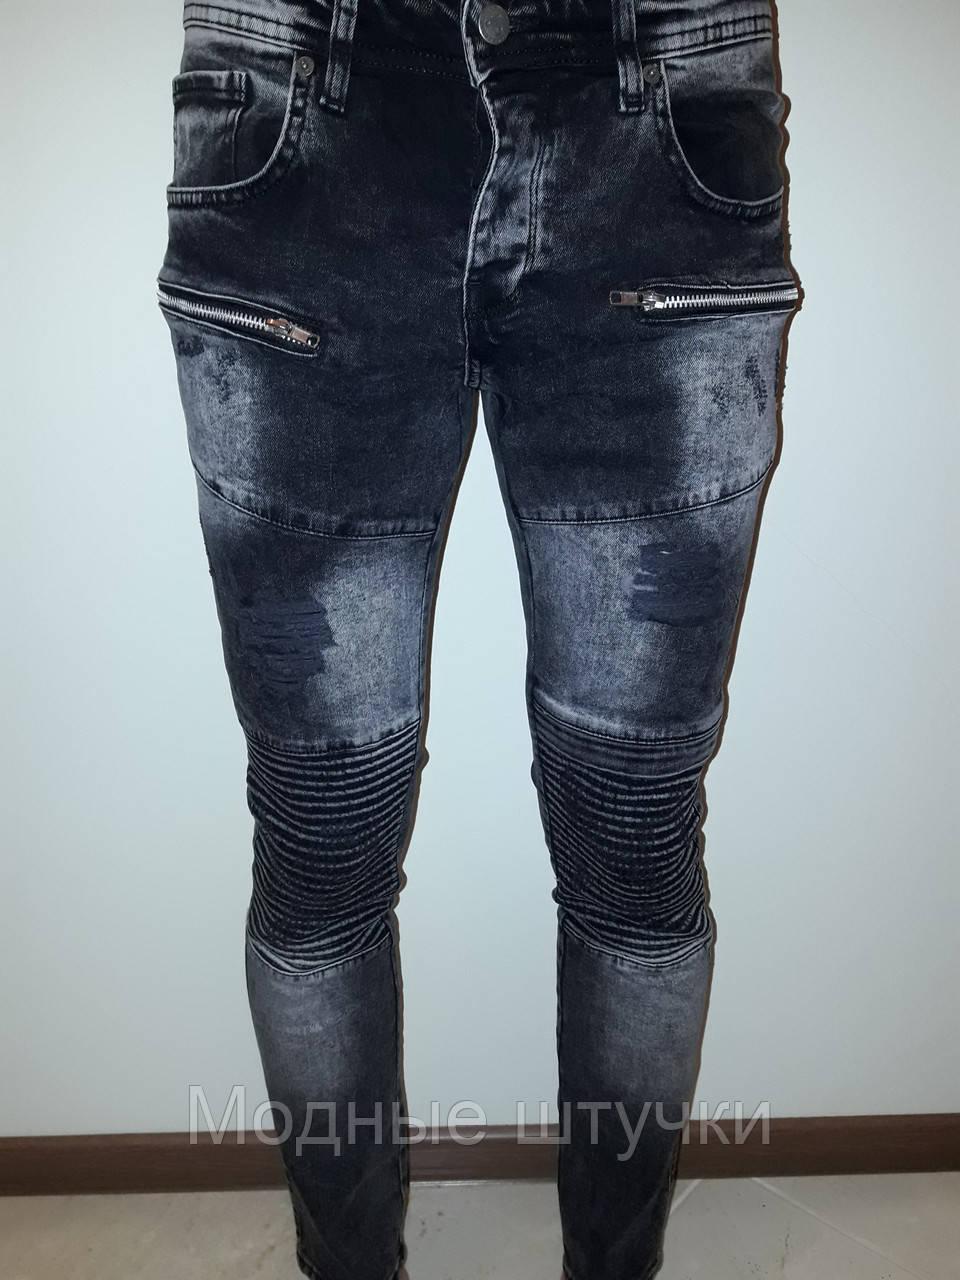 dc9b8e6b3dc Джинсы мужские зауженные темно-серые 269 - Модные штучки в Николаеве